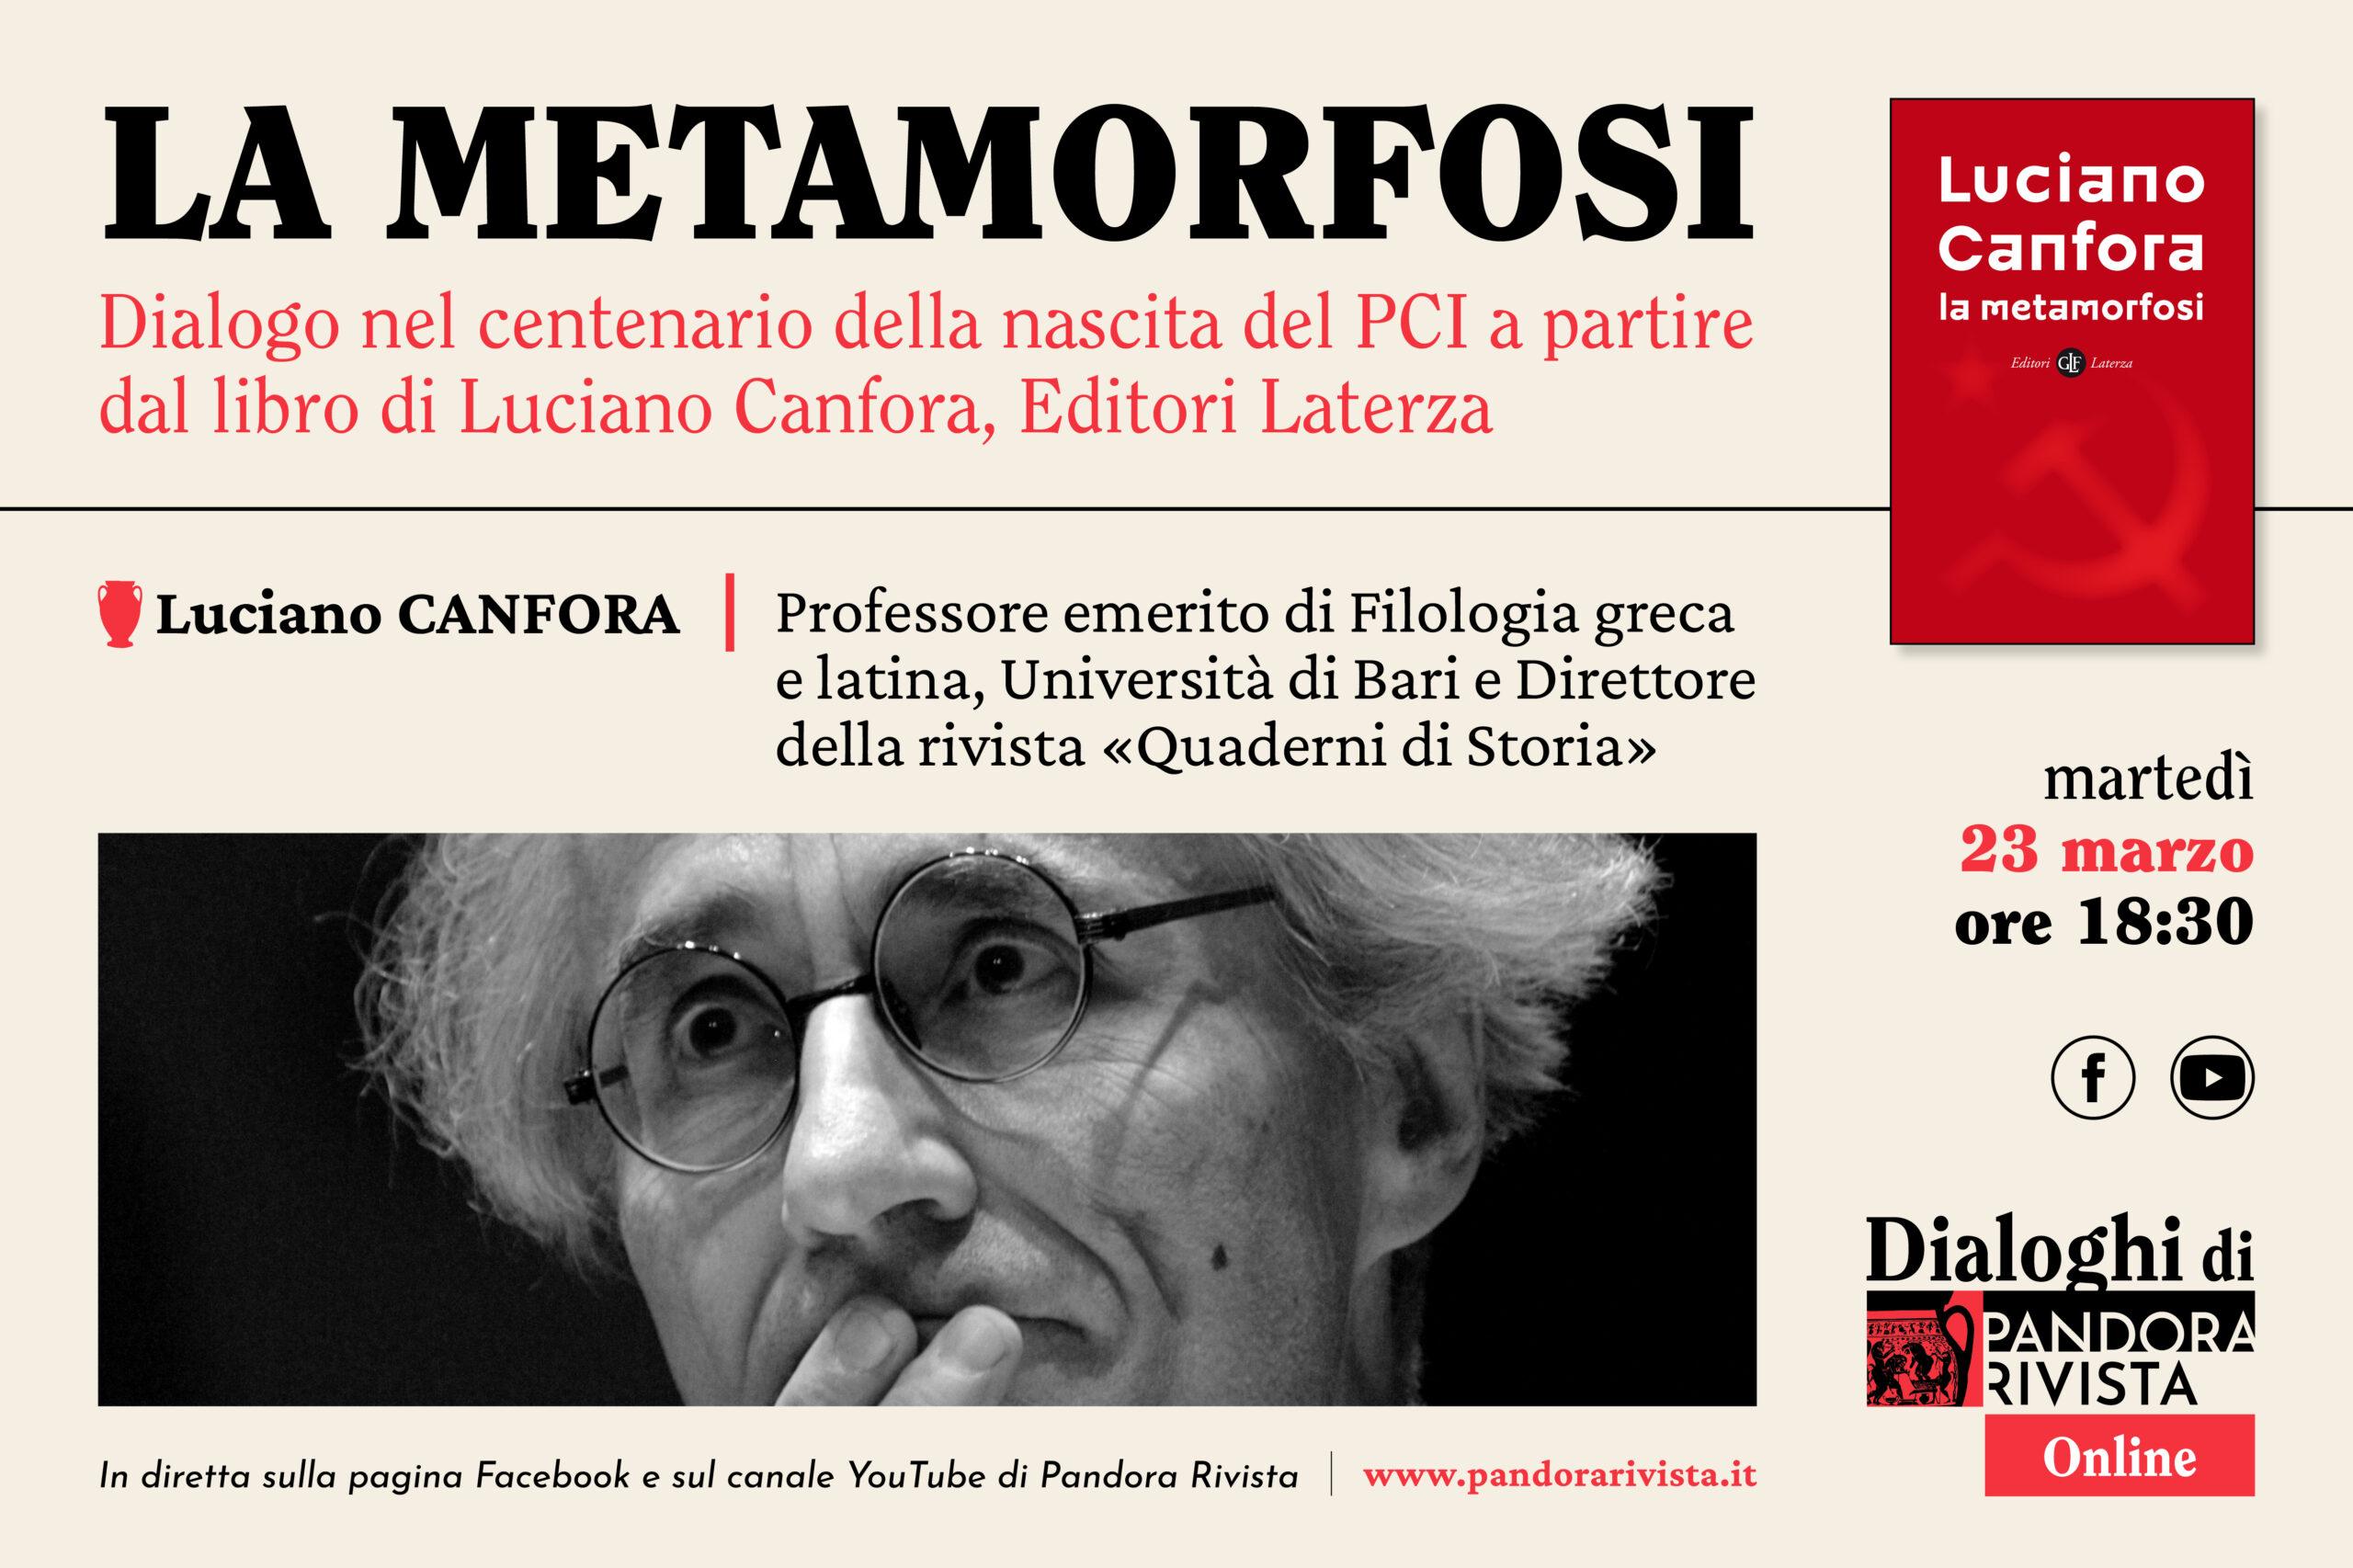 Luciano Canfora ai Dialoghi di Pandora Rivista